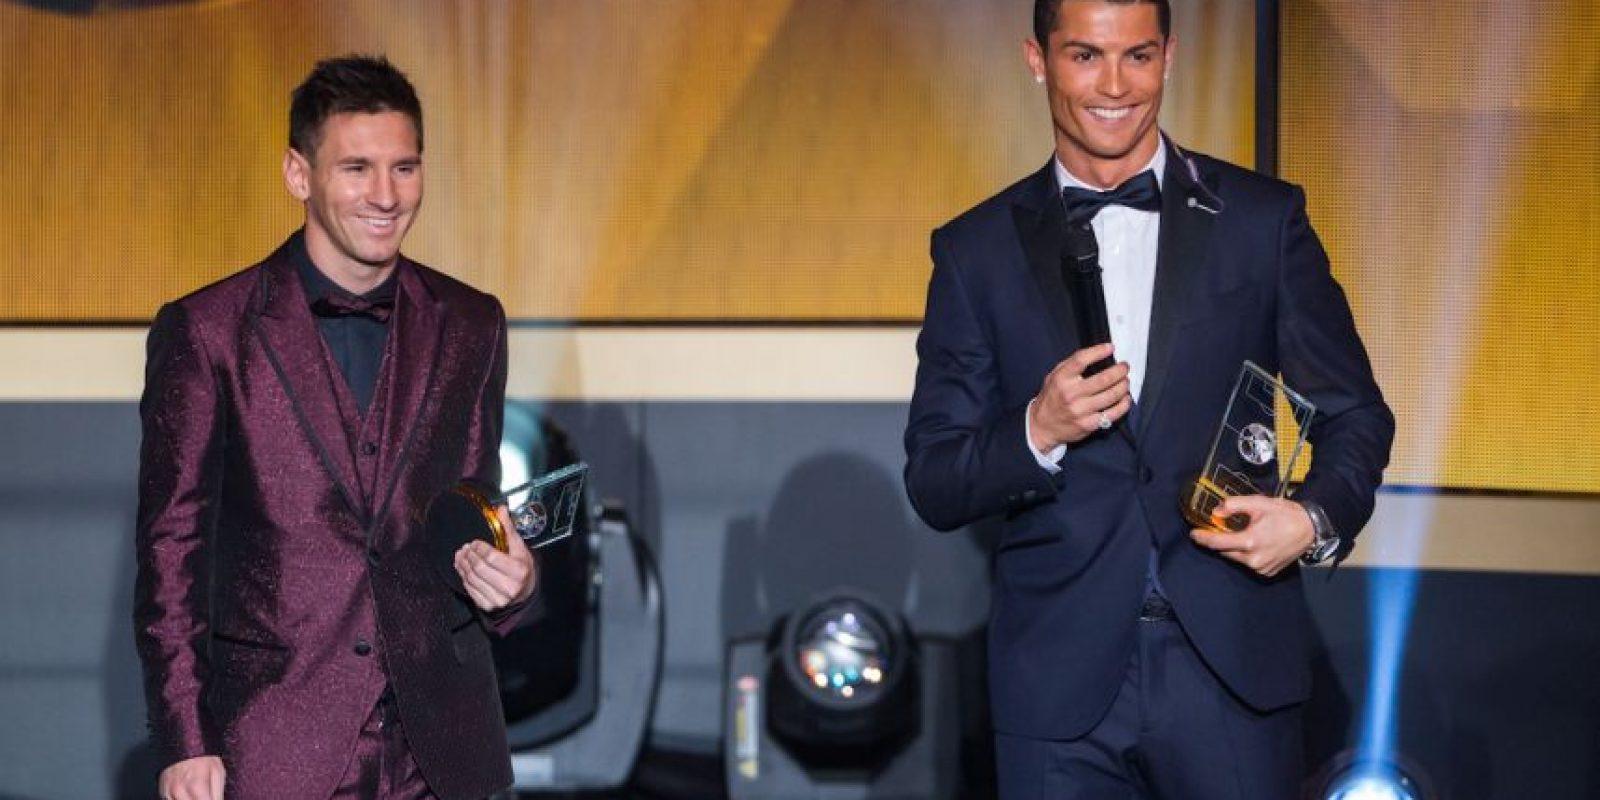 Cristiano Ronaldo y Lionel Messi son los dos mejores futbolistas del mundo. Gracias a ello, son también los mejor pagados y reciben sueldos exorbitantes. Foto:Getty Images